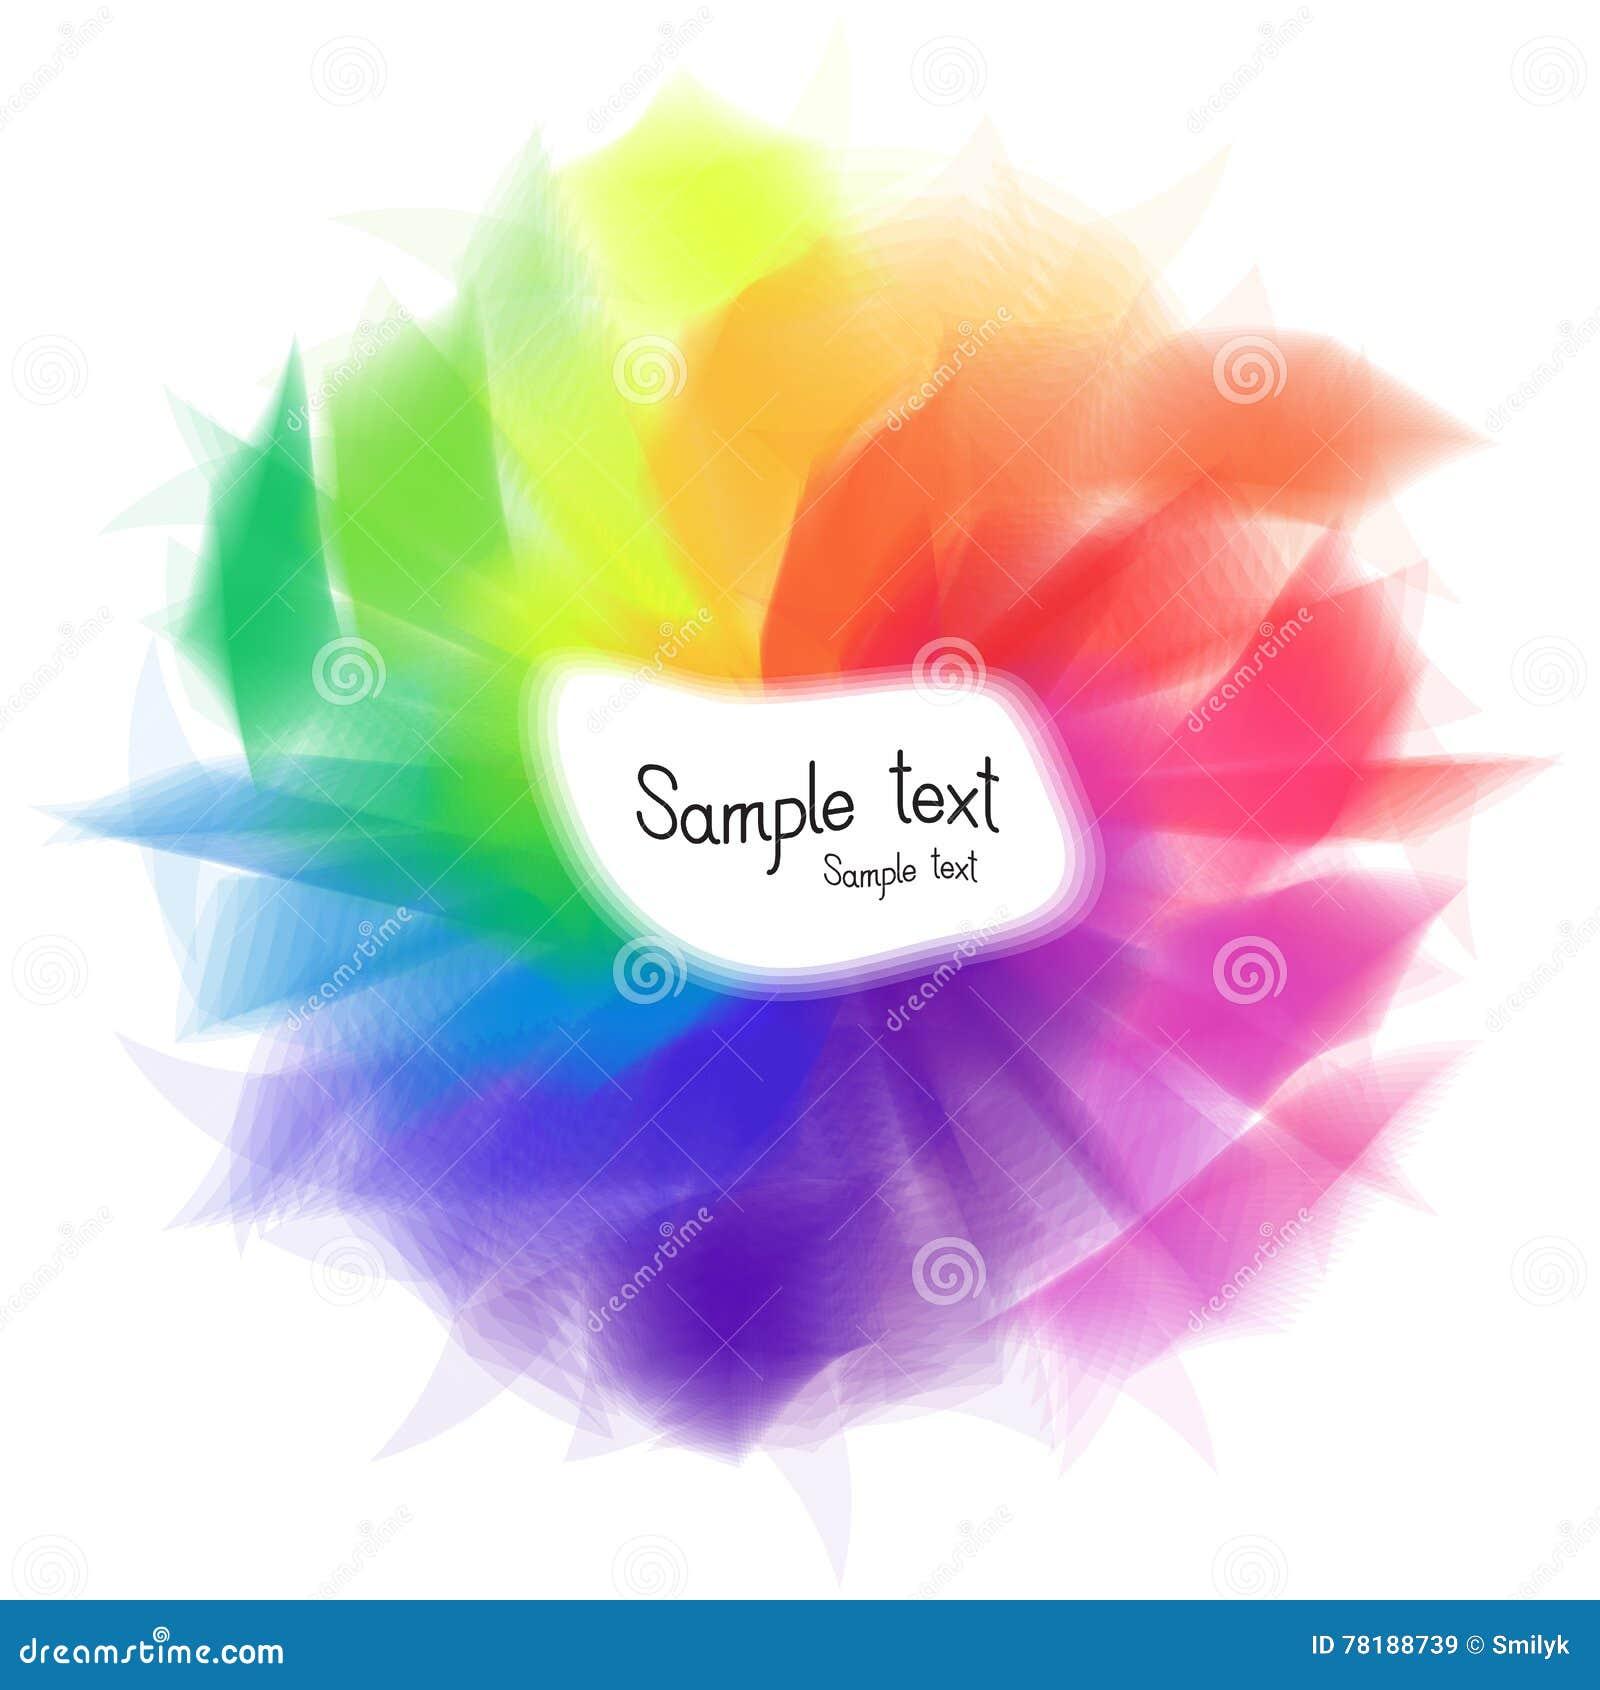 Zusammenfassung Farbige Regenbogen-Text-Schablone Vektor Abbildung ...